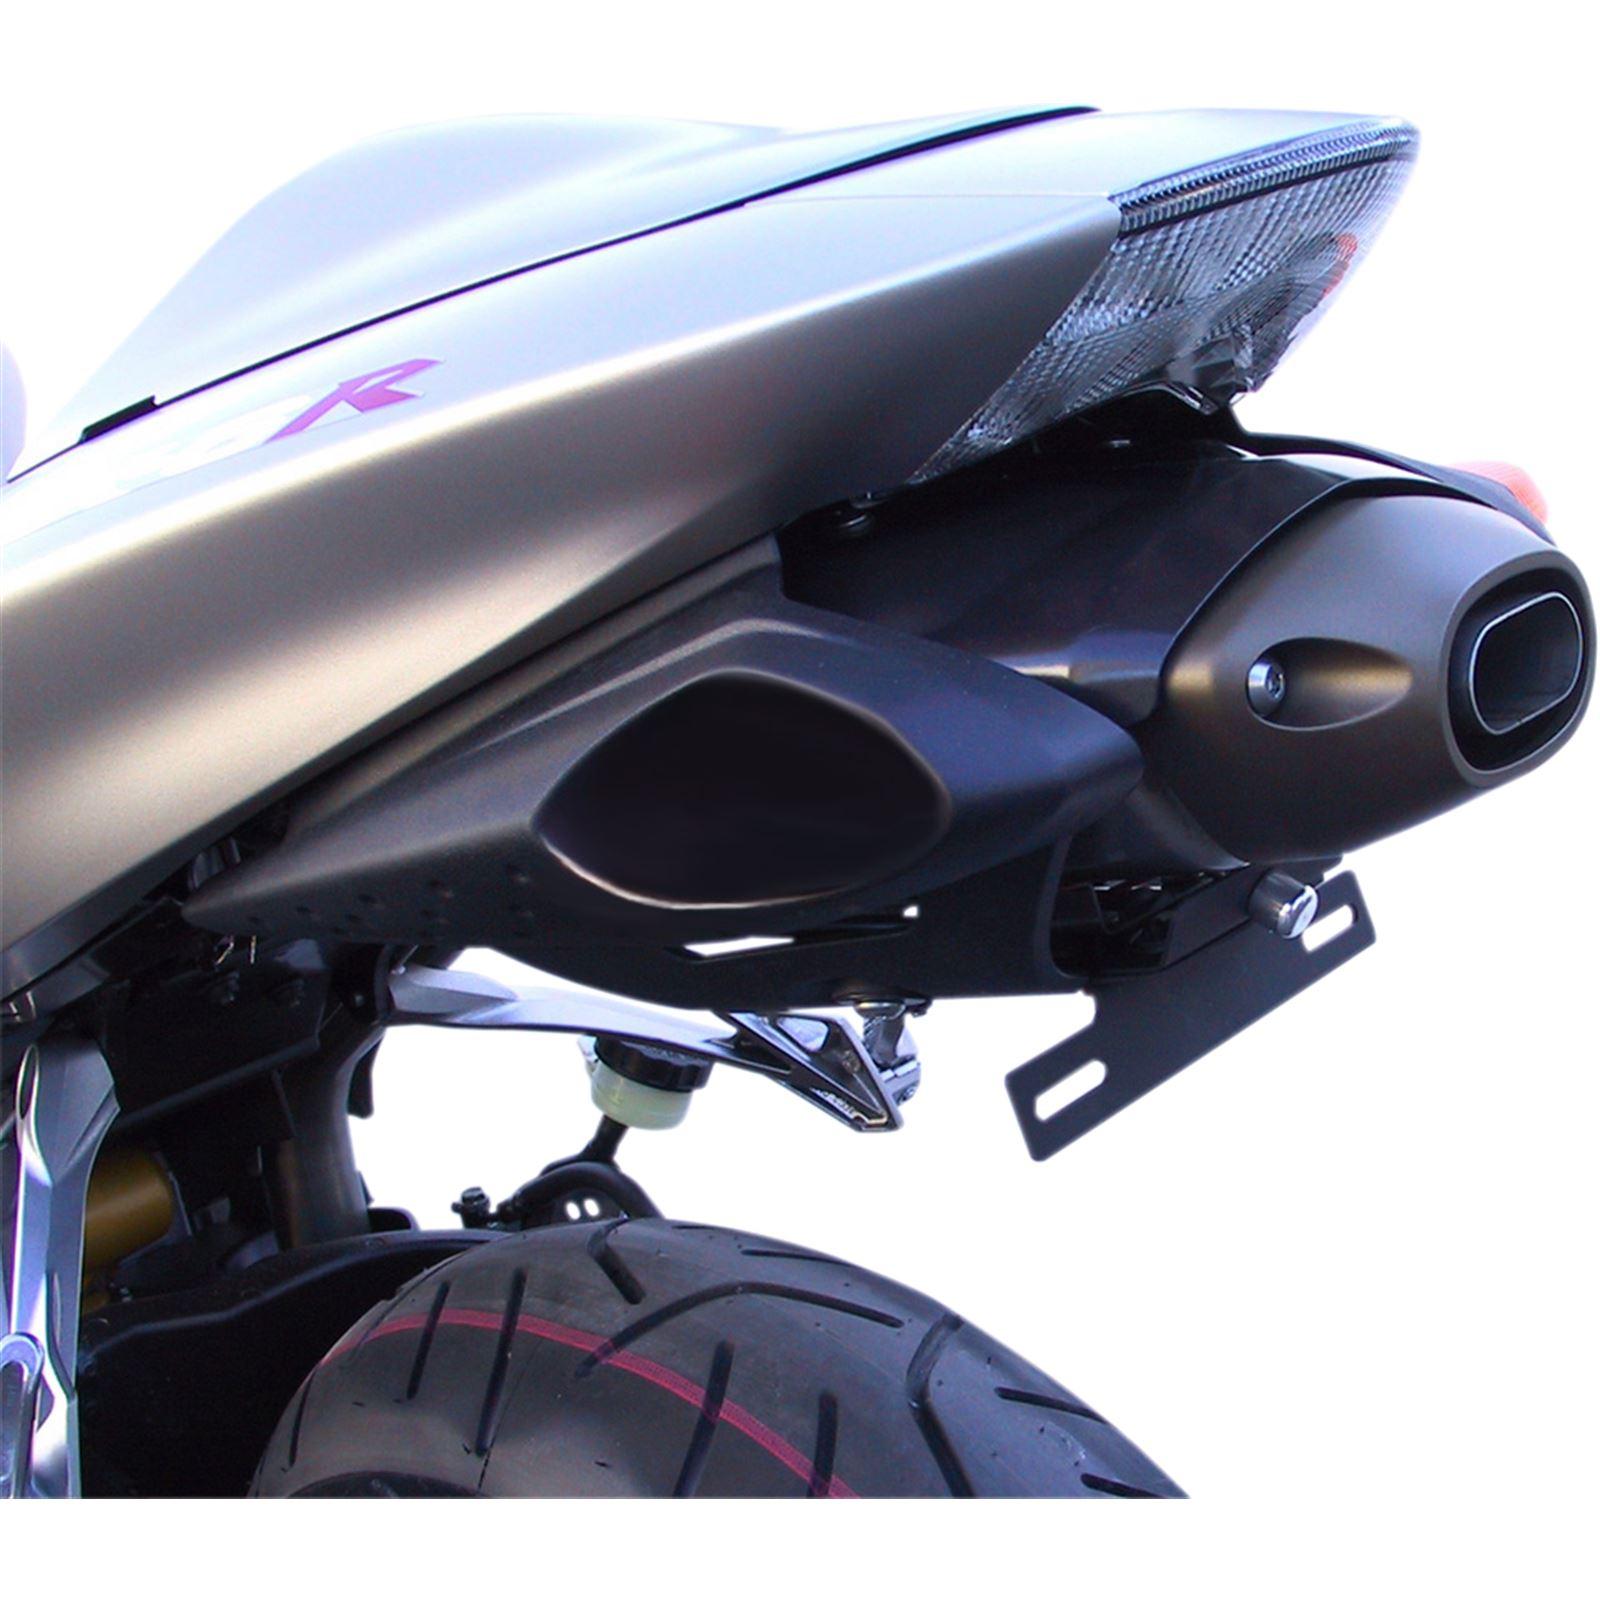 Targa X-Tail Kit - ZX6R/RR '05-'06